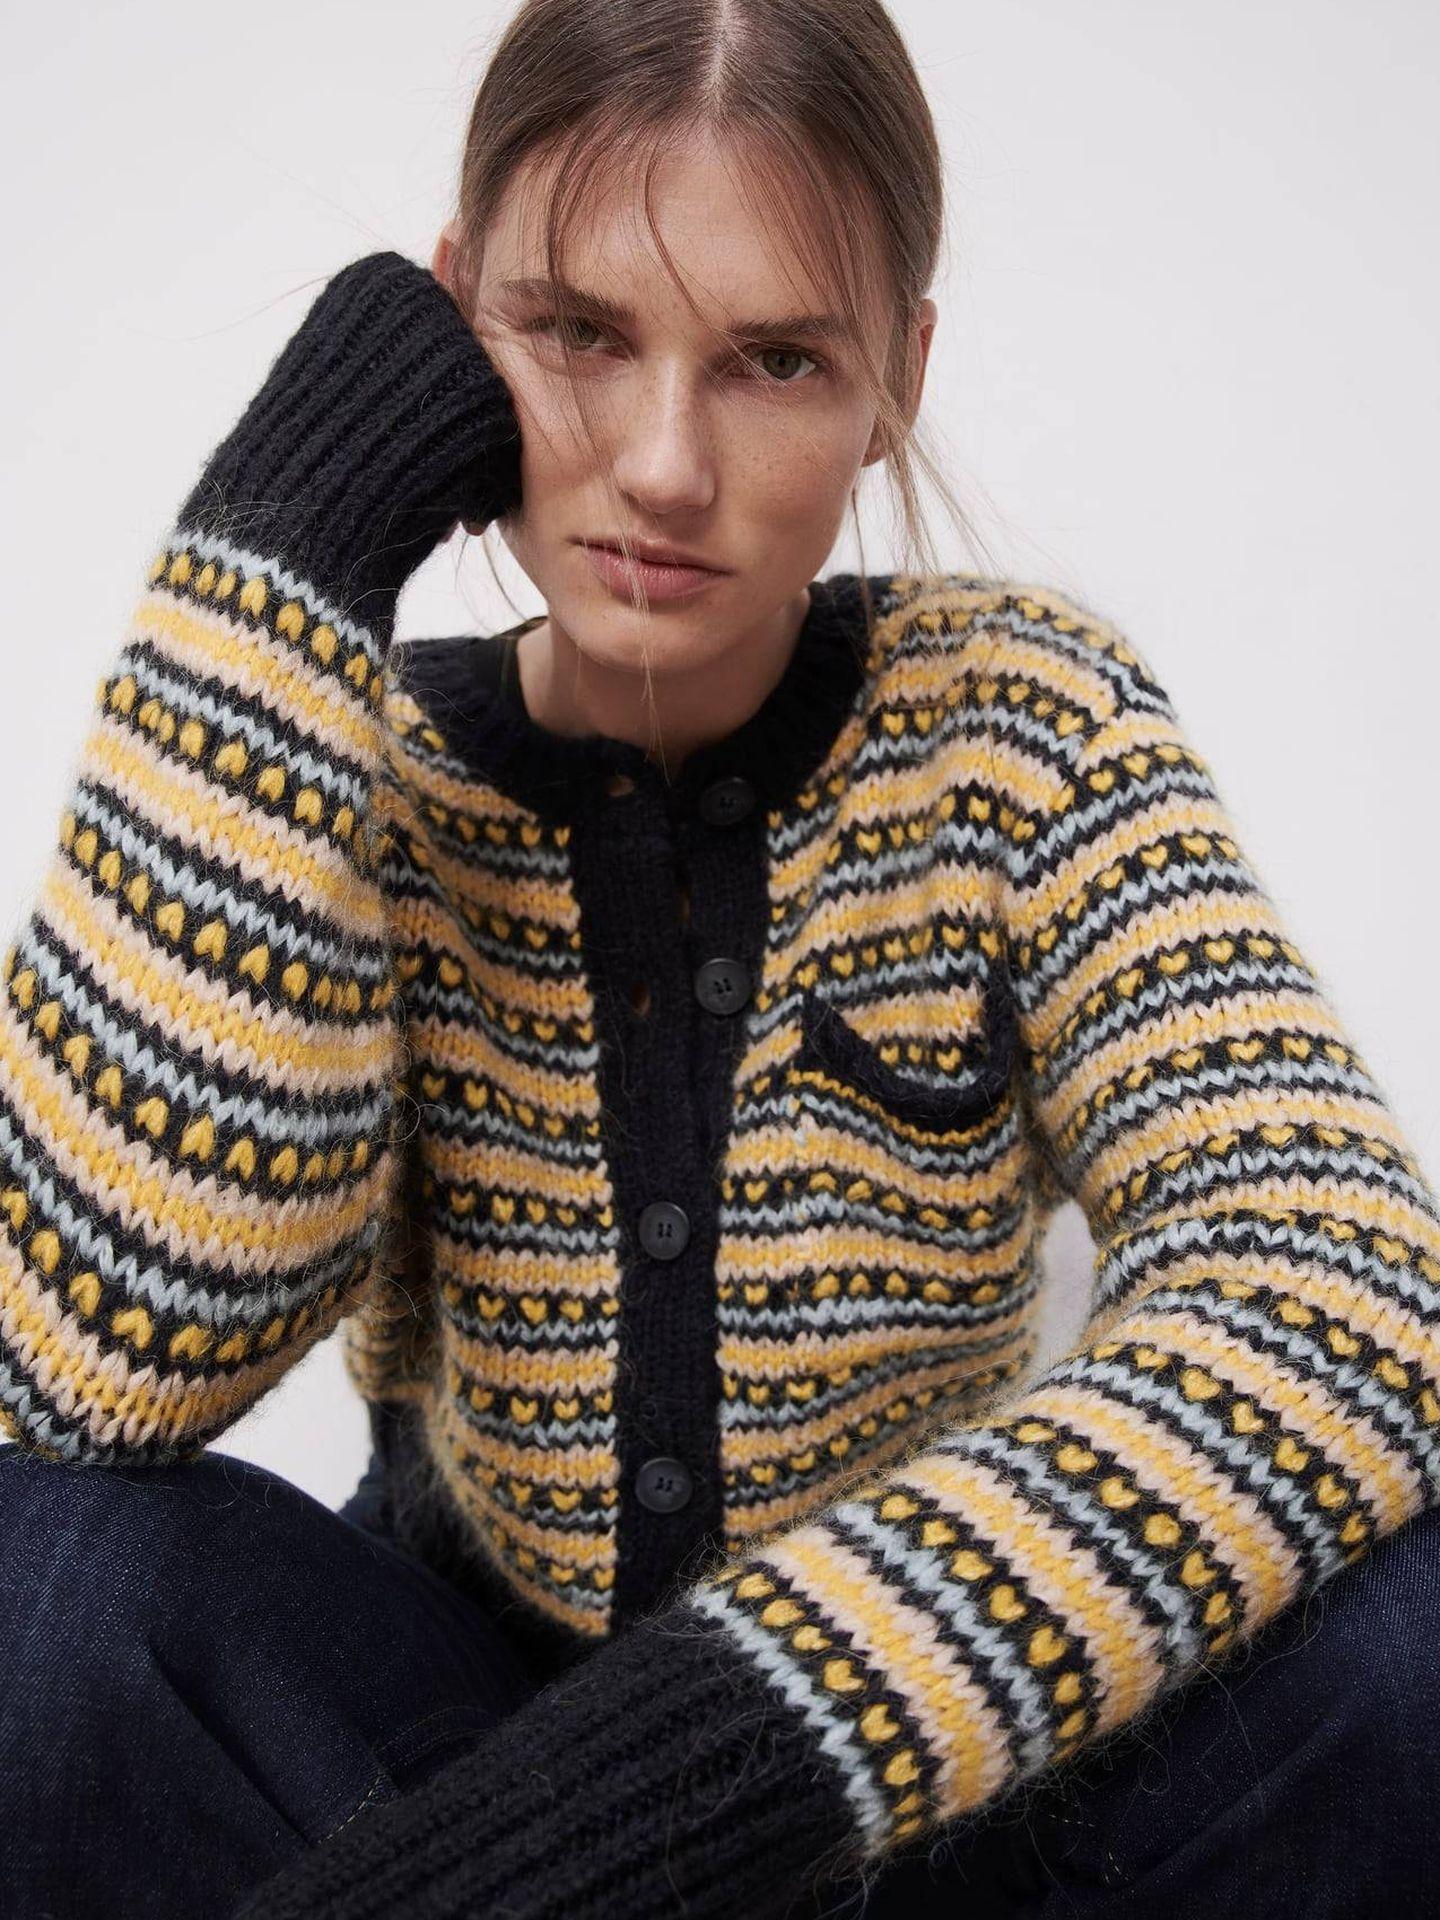 Chaquetade punto de Zara al estilo de la de Amelia Bono. (Cortesía)